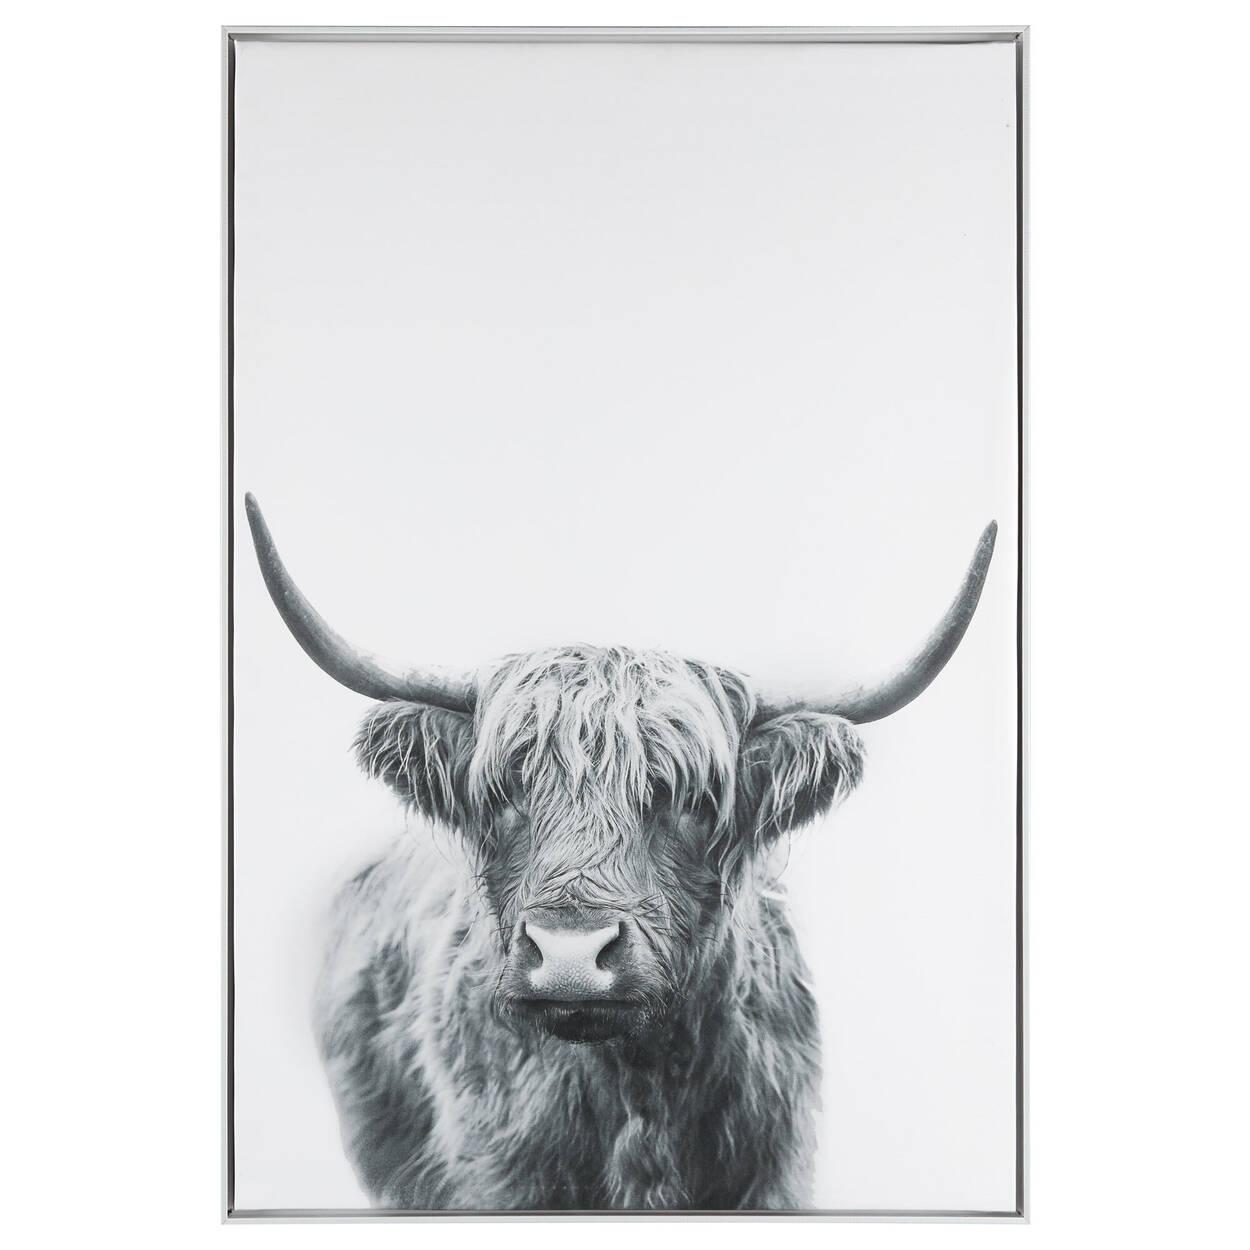 Lonely Bull Printed Framed Art